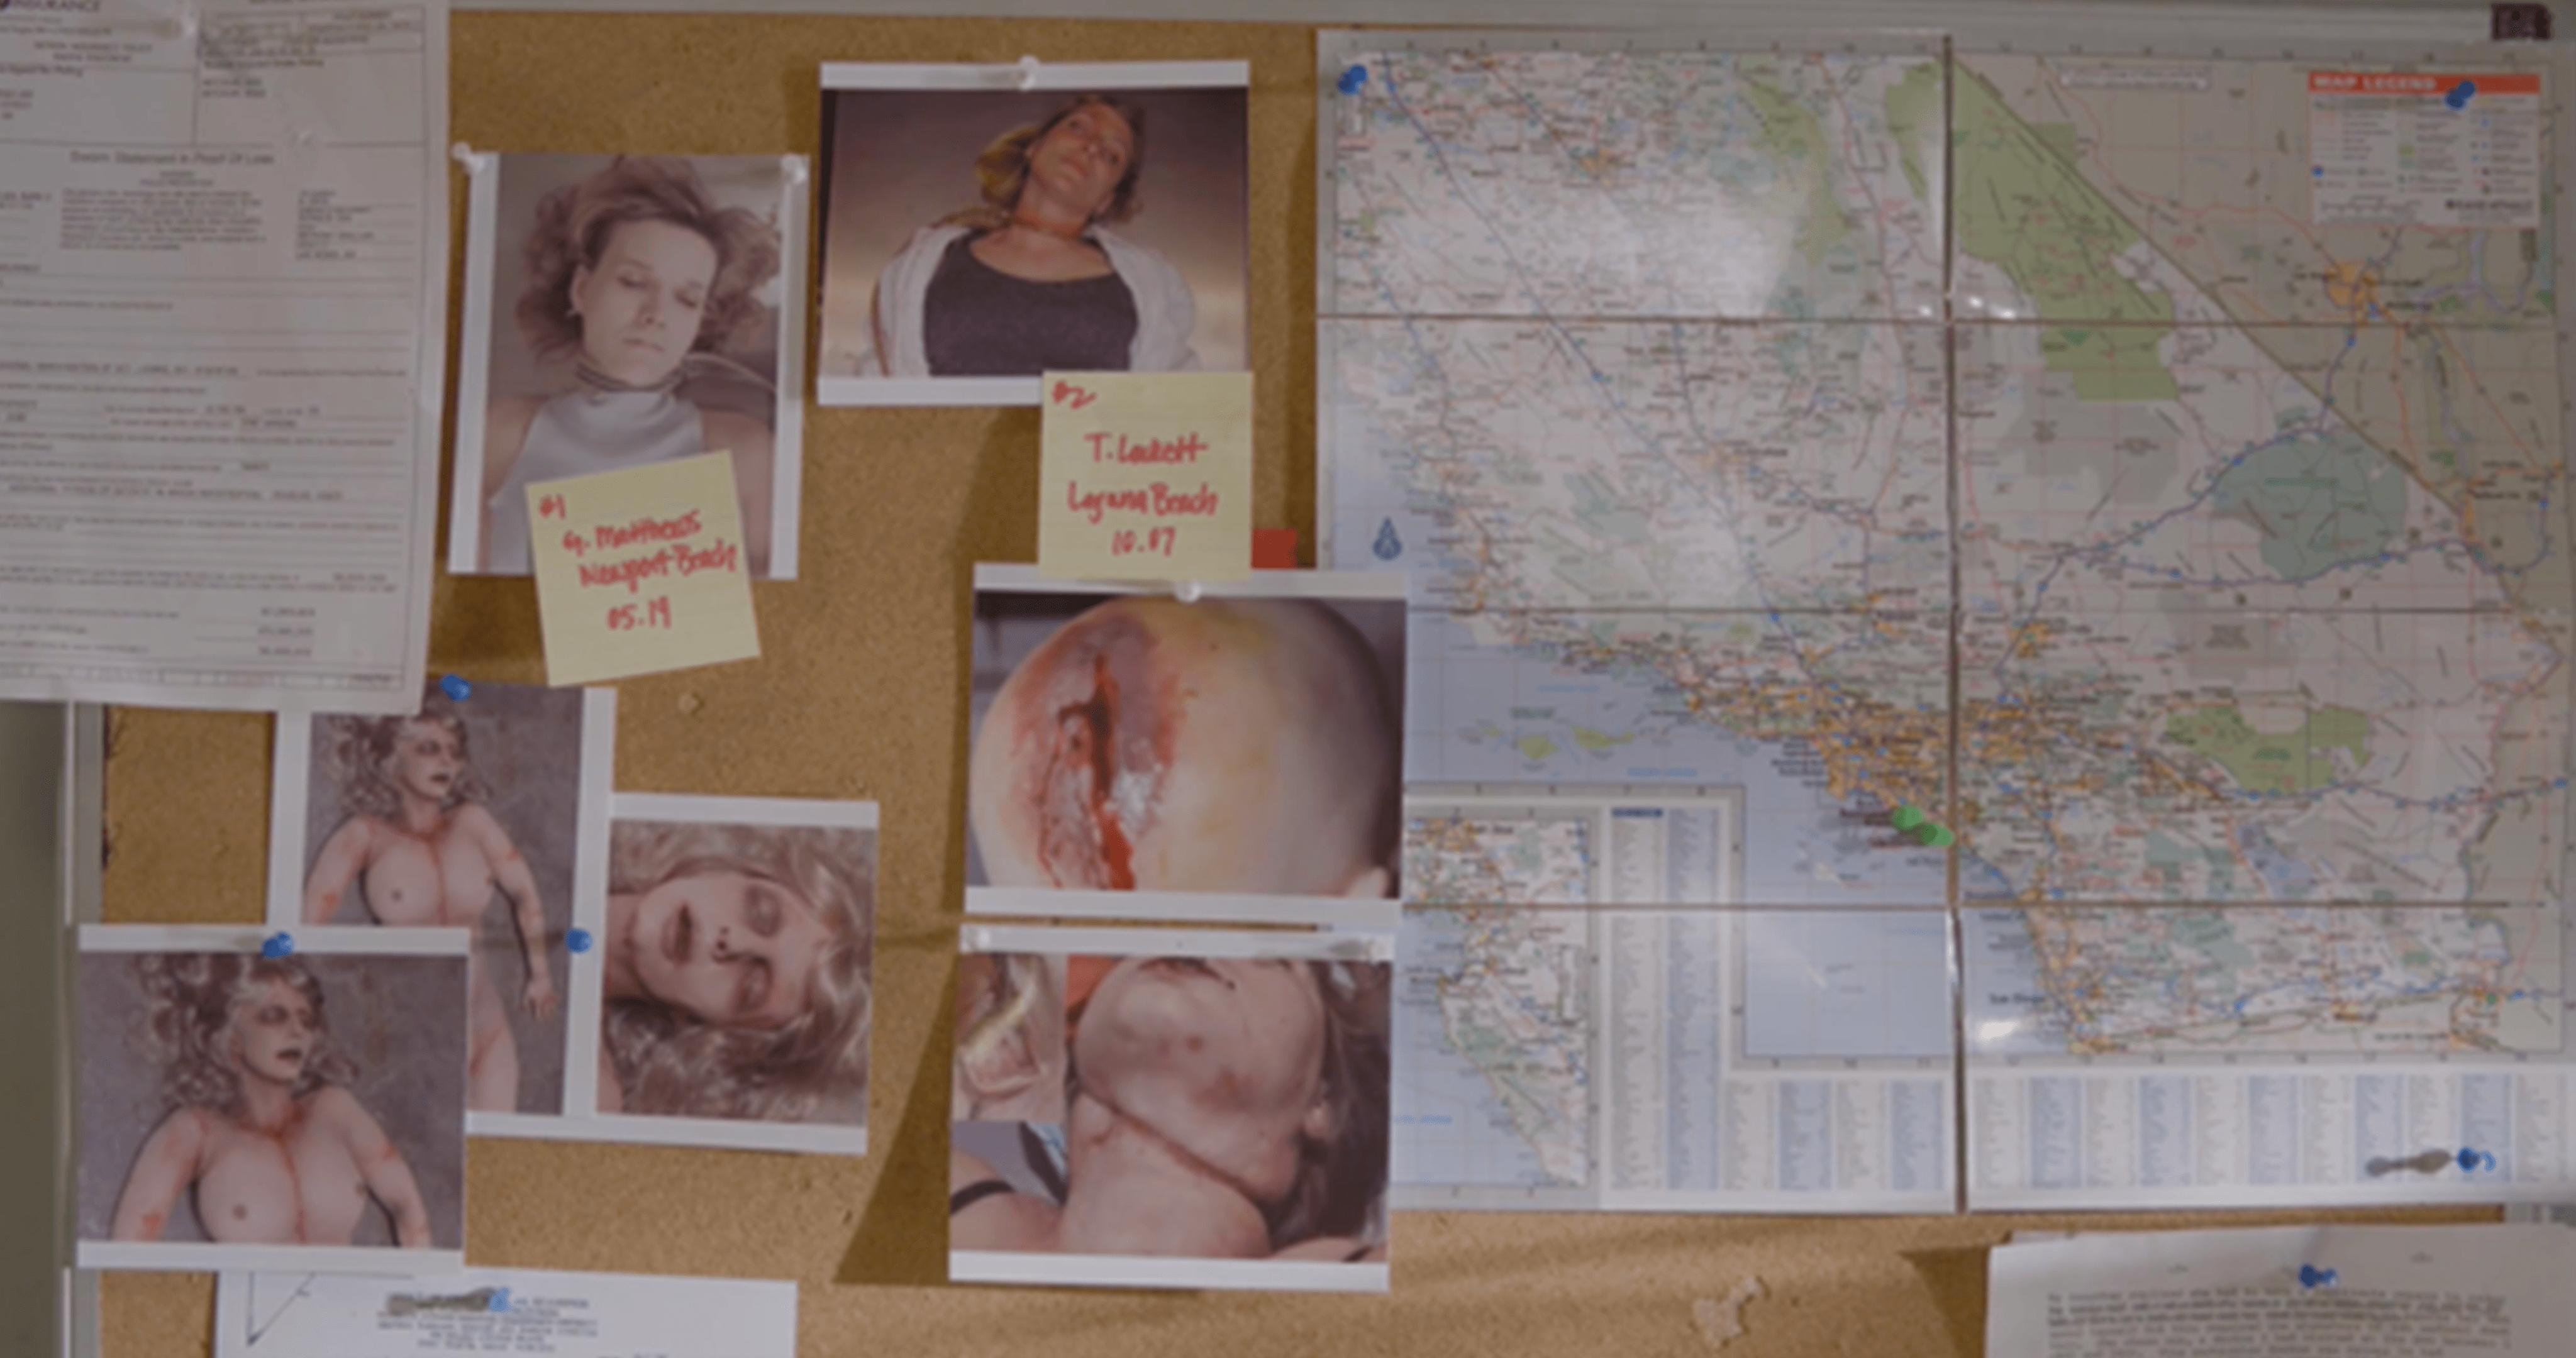 Autopsy Board